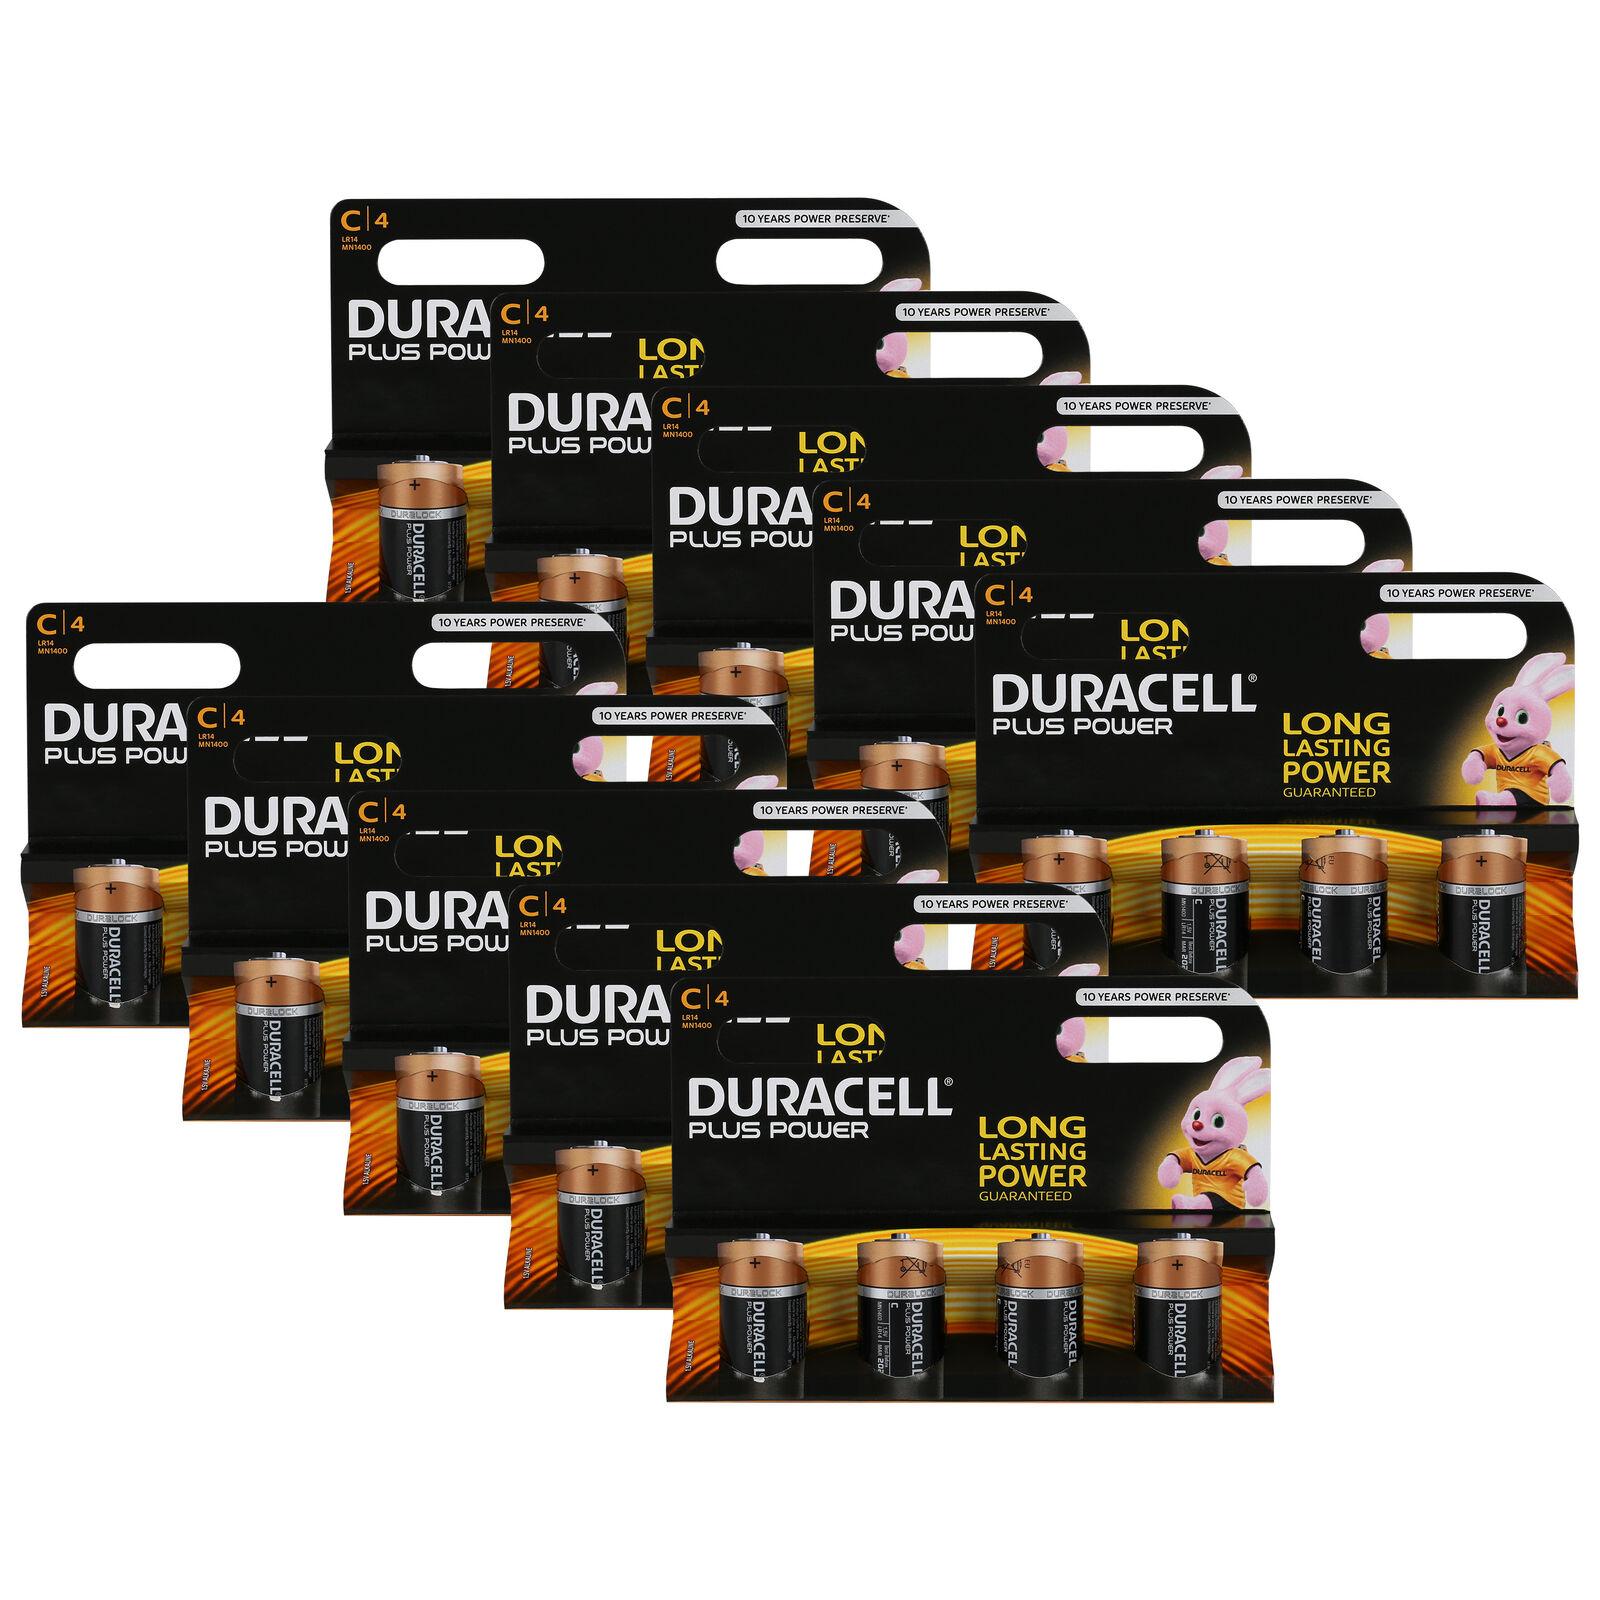 40 x Duracell Baby C Plus Power LR14 UM2 MN1400 Batterie 1,5V Alkaline 40 St